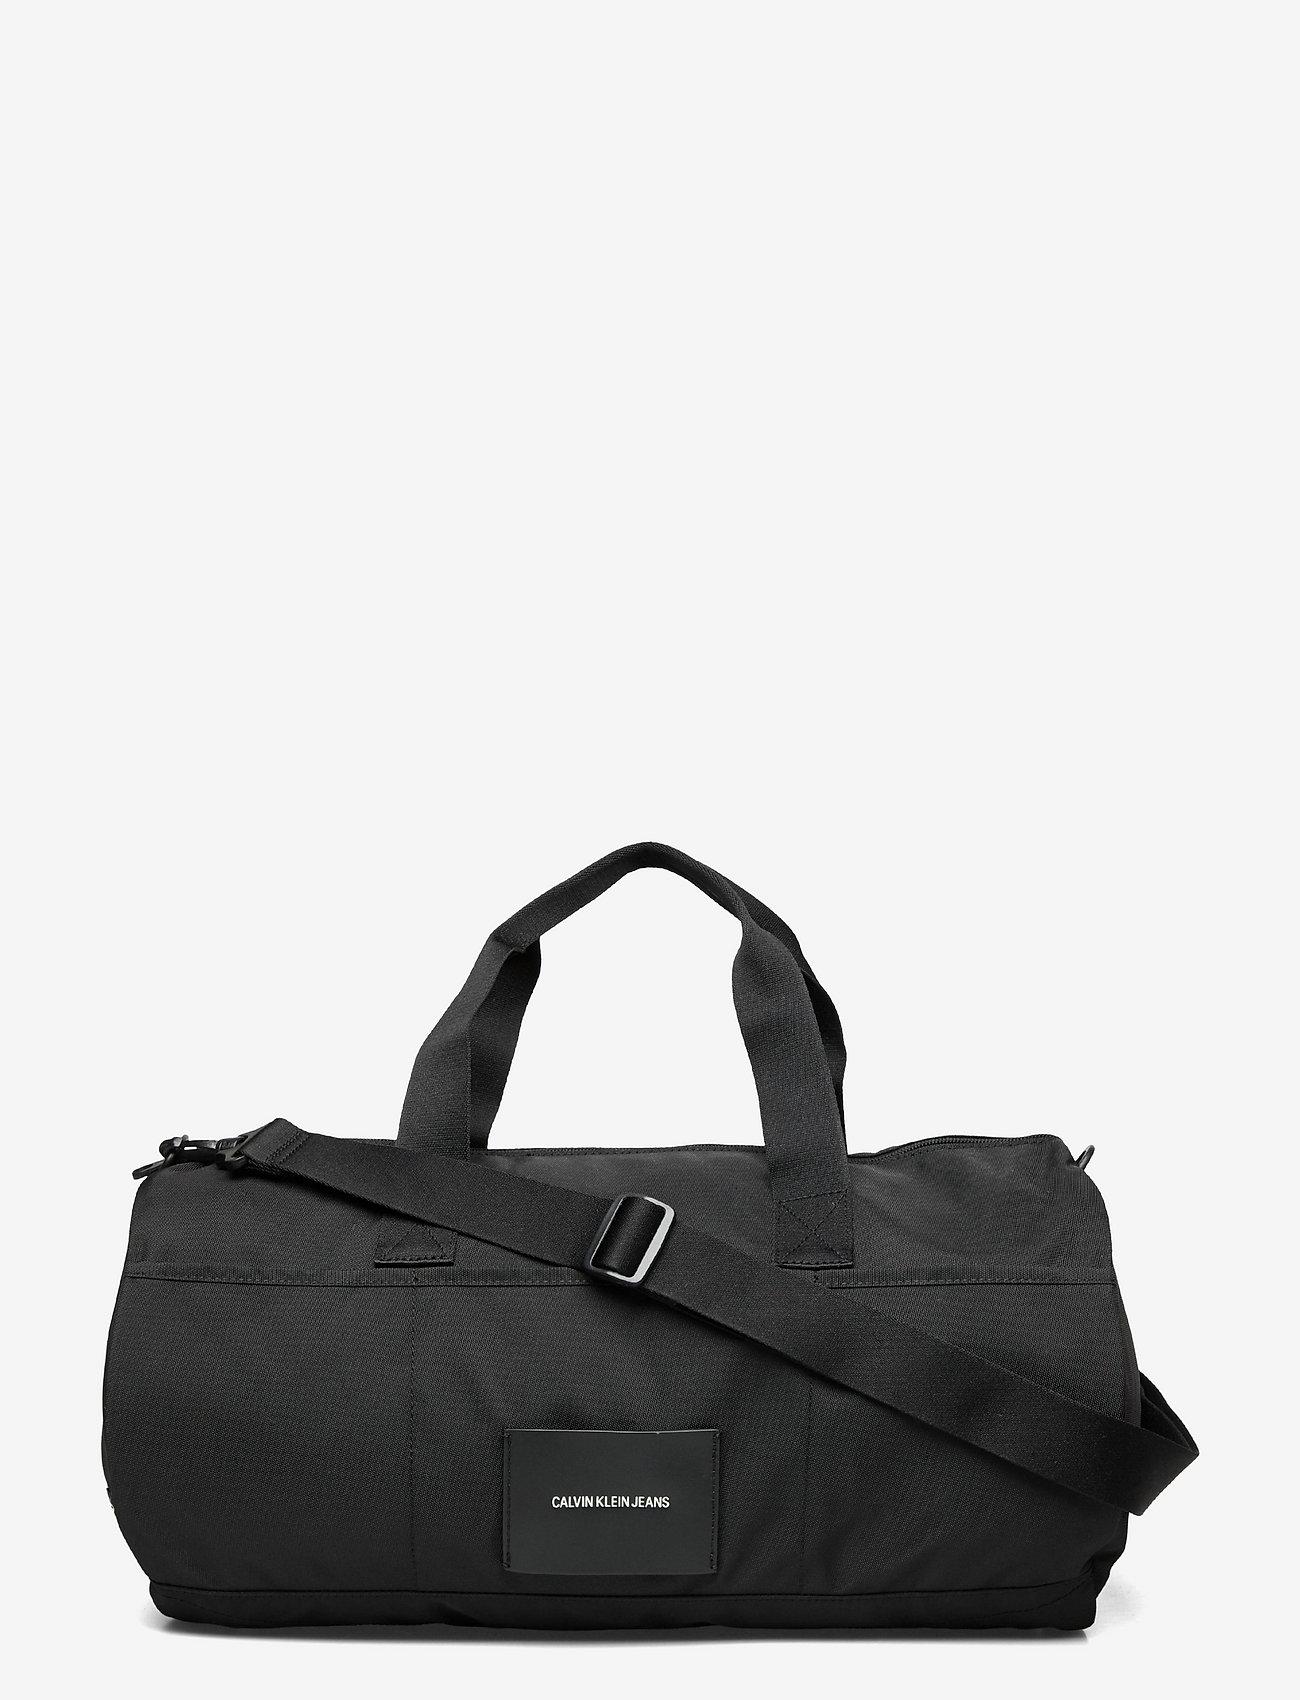 Calvin Klein - SPORT ESSENTIAL DUFFLE INST - gymtassen - black - 0